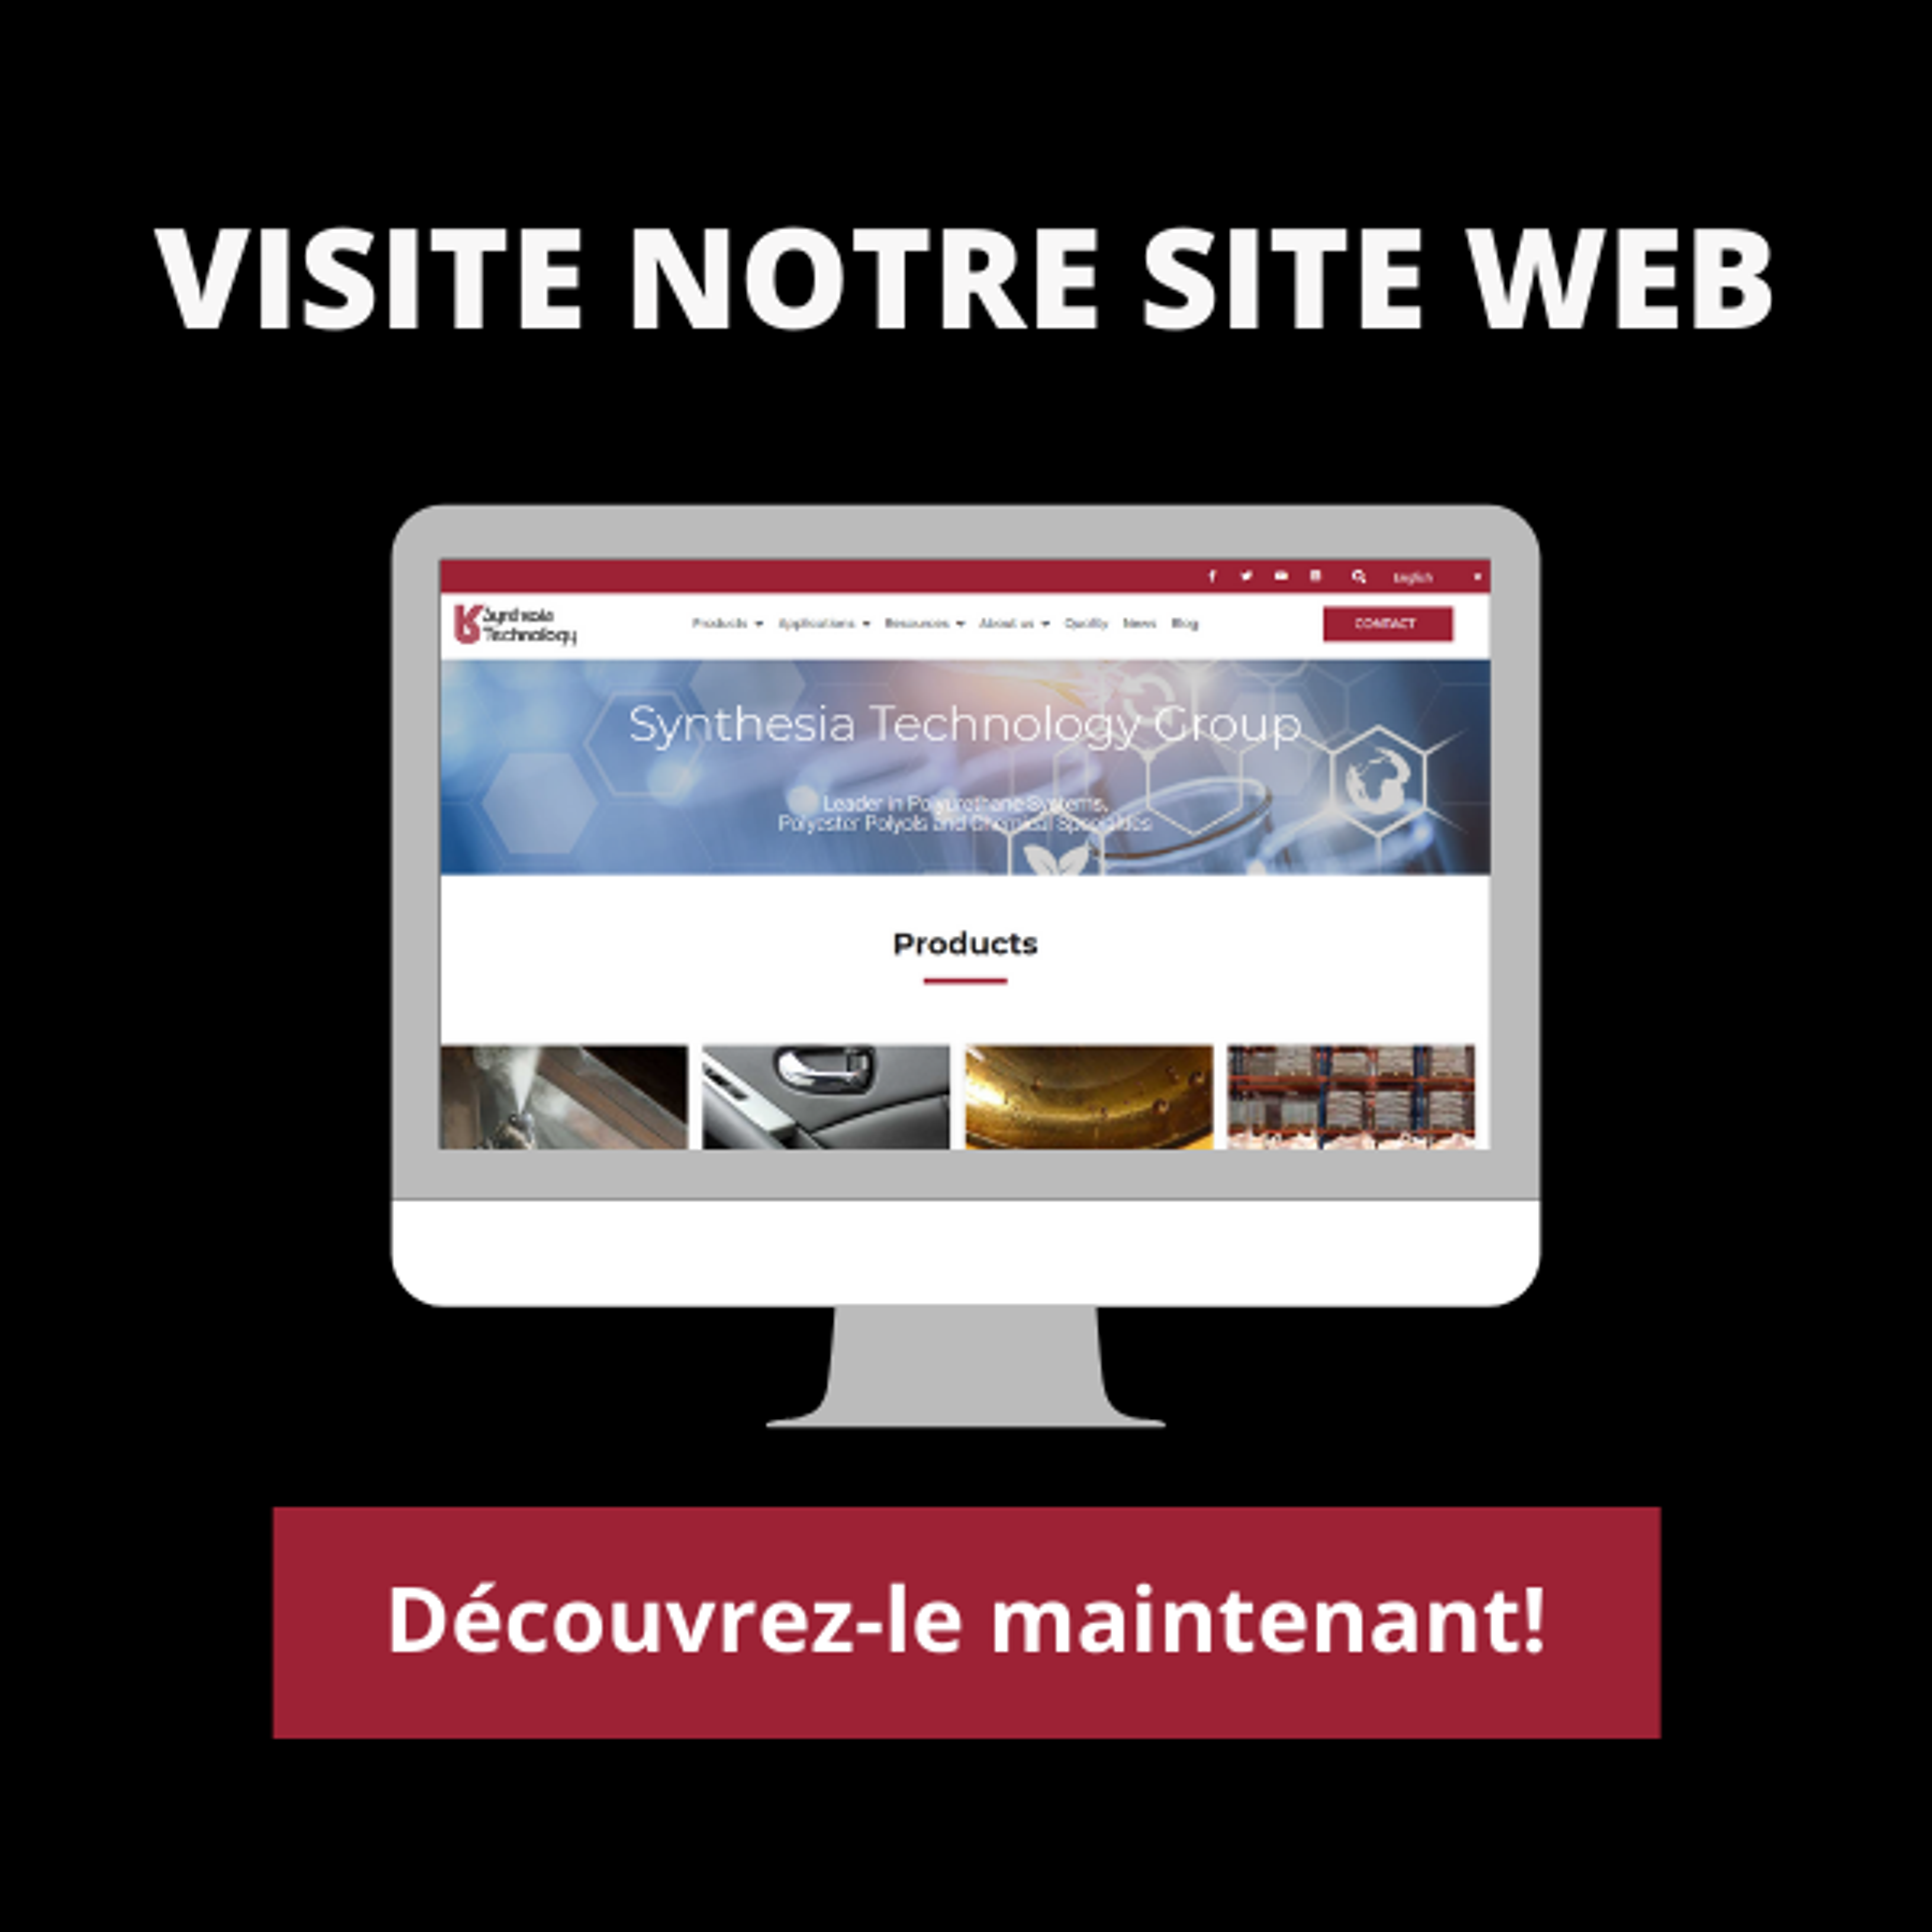 Nouveau site web - Découvrez-le maintenant!